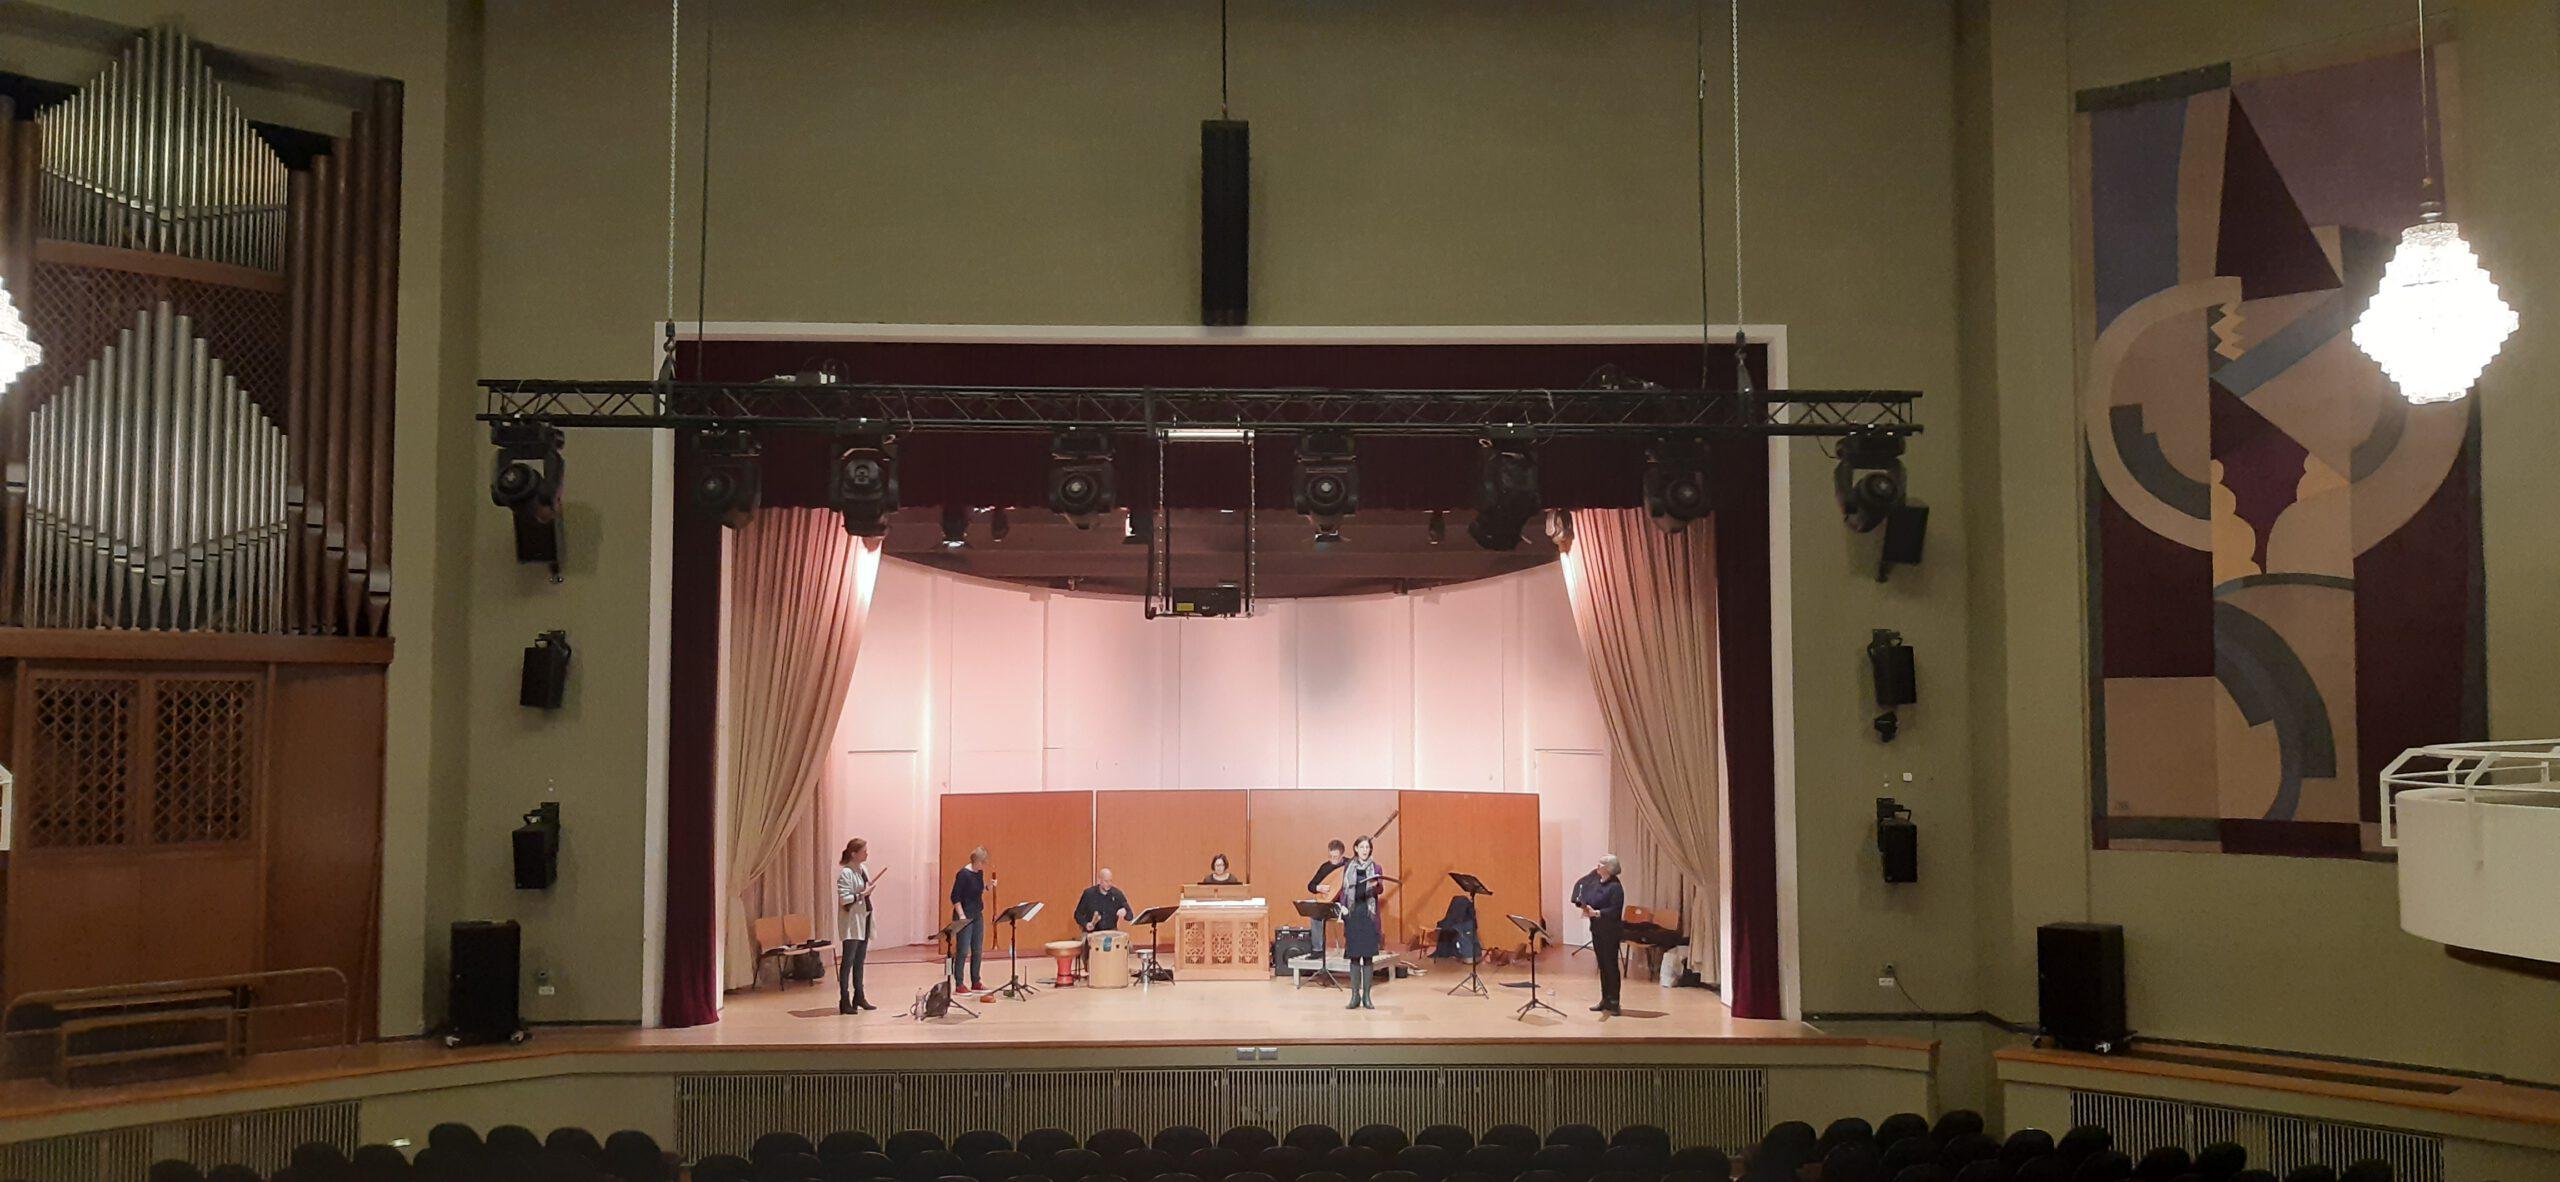 Konzertkritik: Das Ensemble Capella de la Torre versetzt das Publikum mit seinem frühen neuzeitlichen Klang zurück ins 16. Jahrhundert